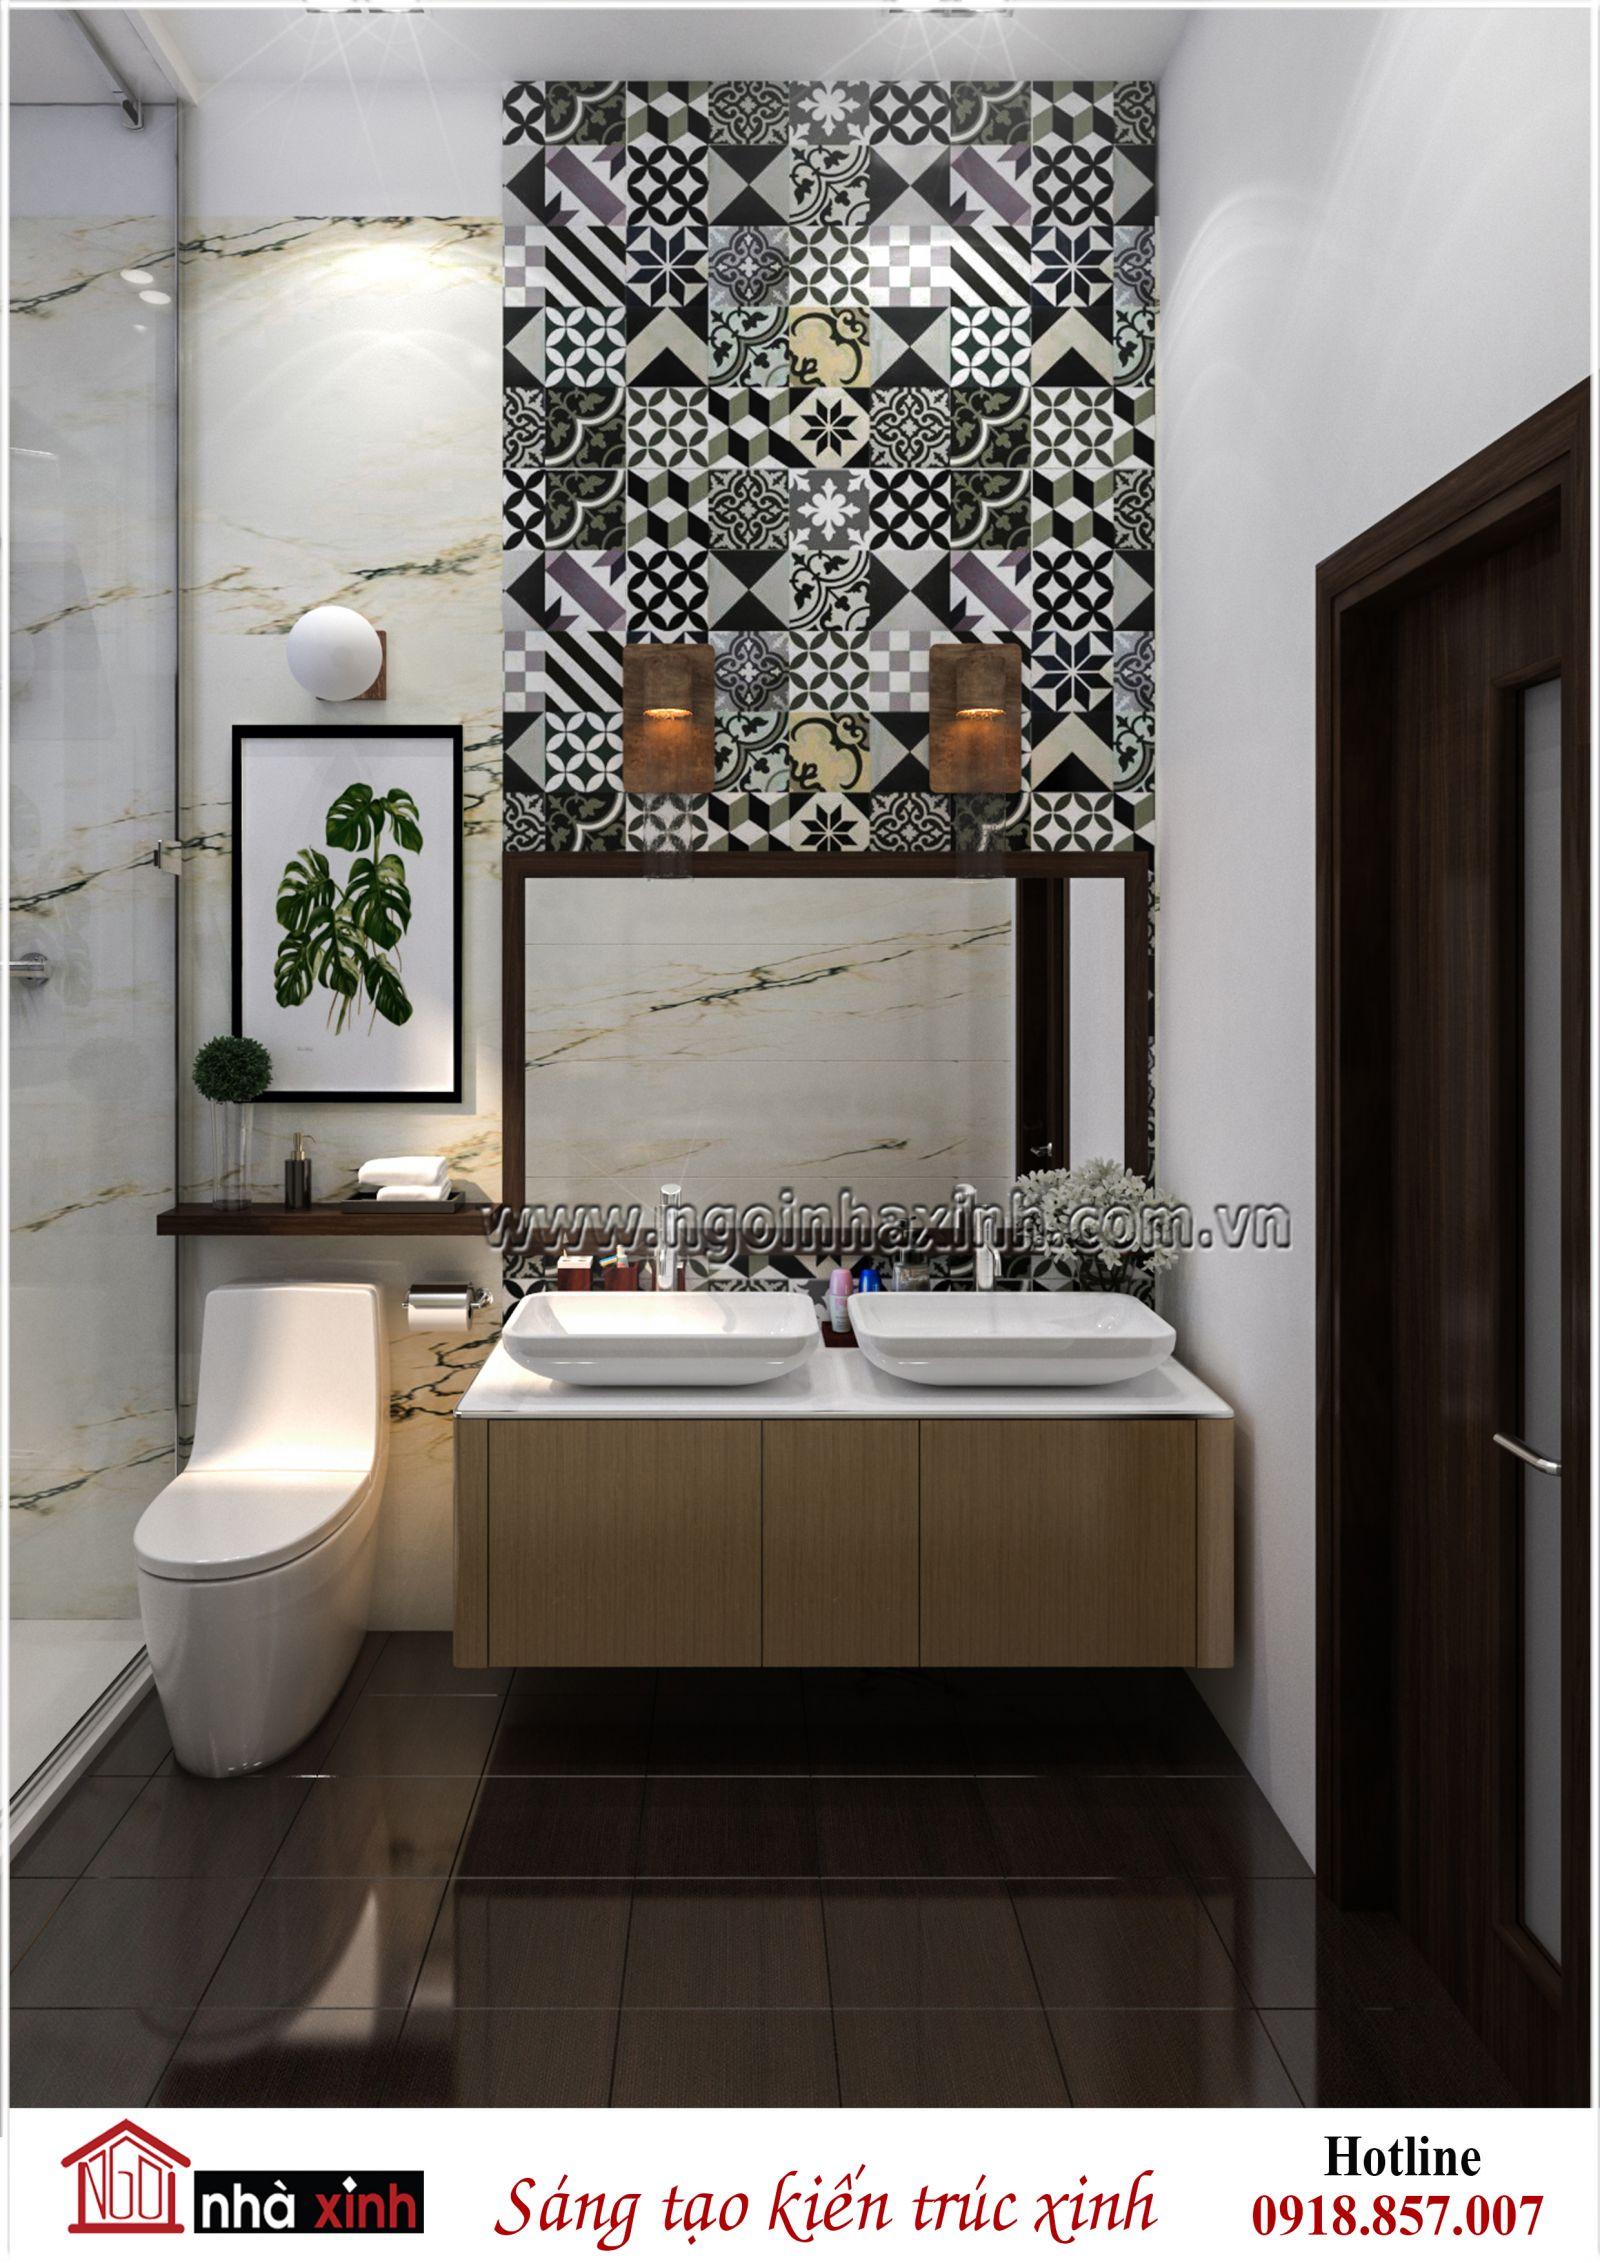 nội thất WC đẹp, nội thất nhà xinh